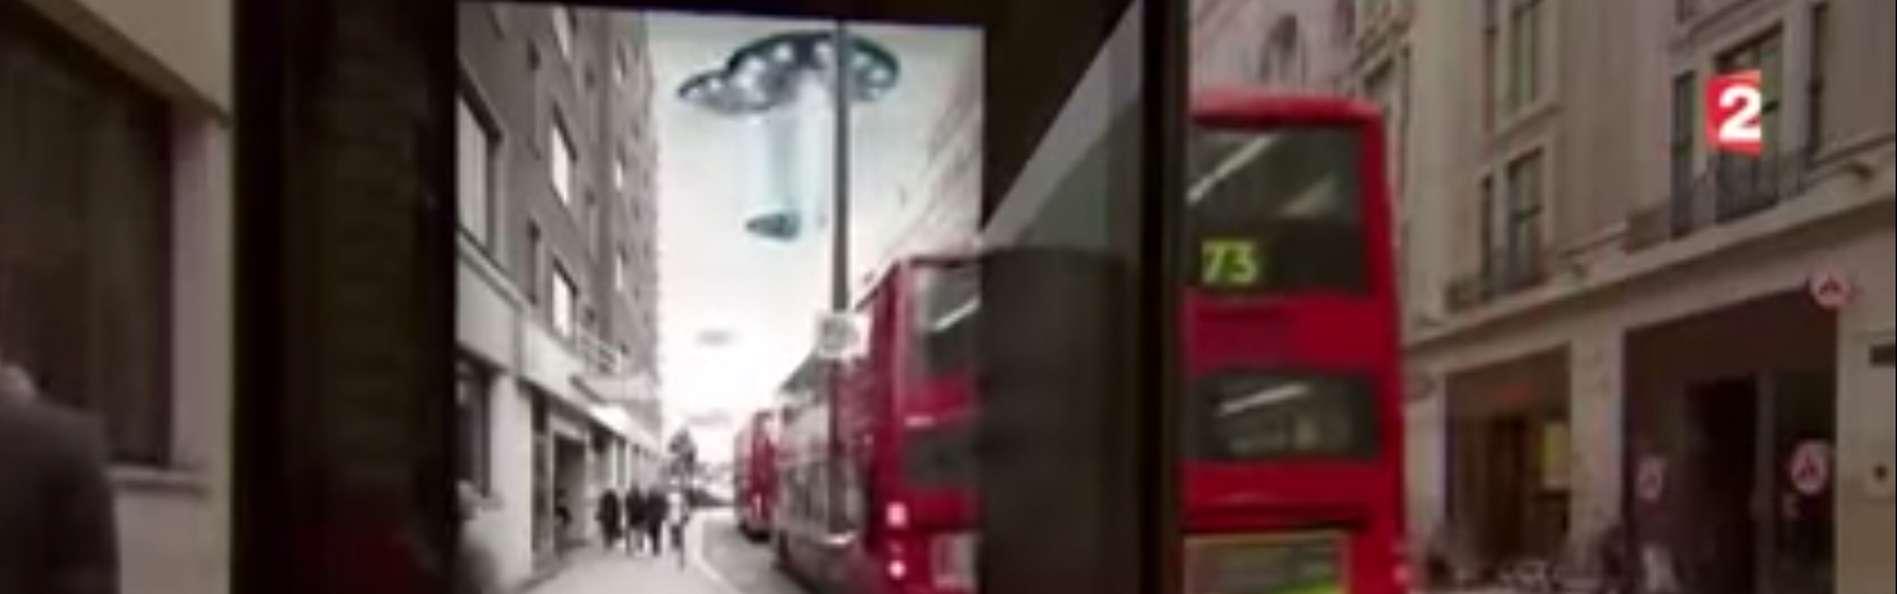 La publicidad ha dejado maravillados a varios transeúntes británicos. Foto: YouTube.com